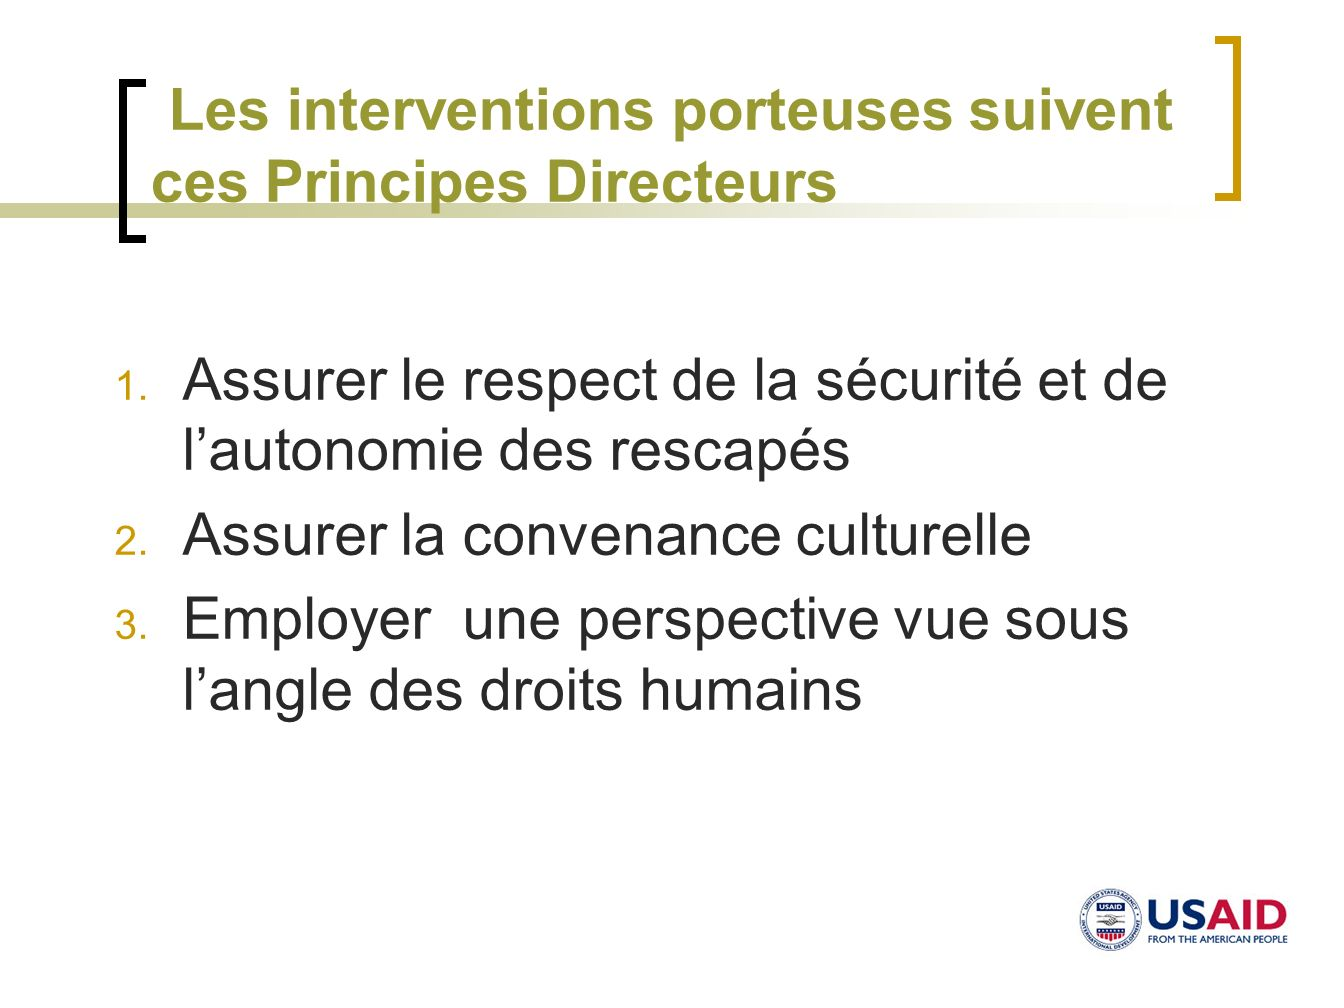 Les interventions porteuses suivent ces Principes Directeurs